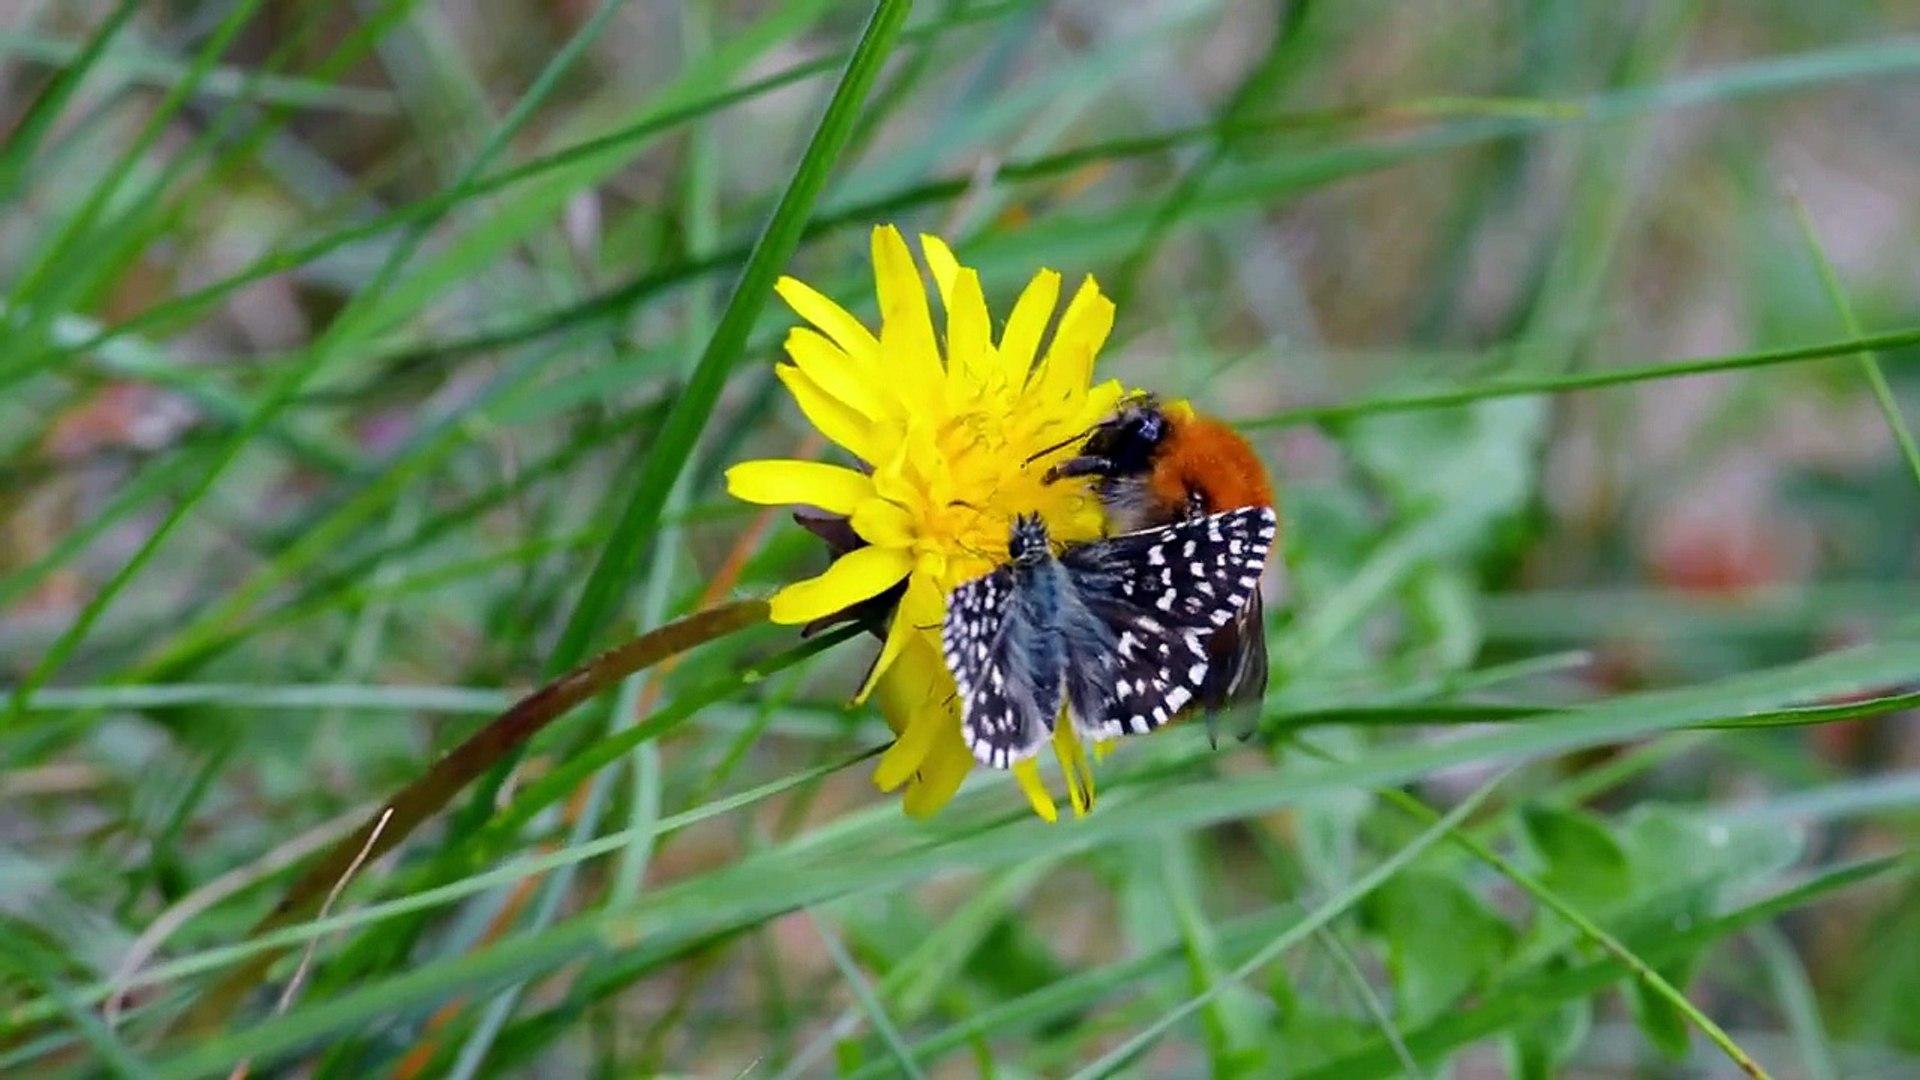 Vroege Vogels - Vlinder en hommel vechten om bloem